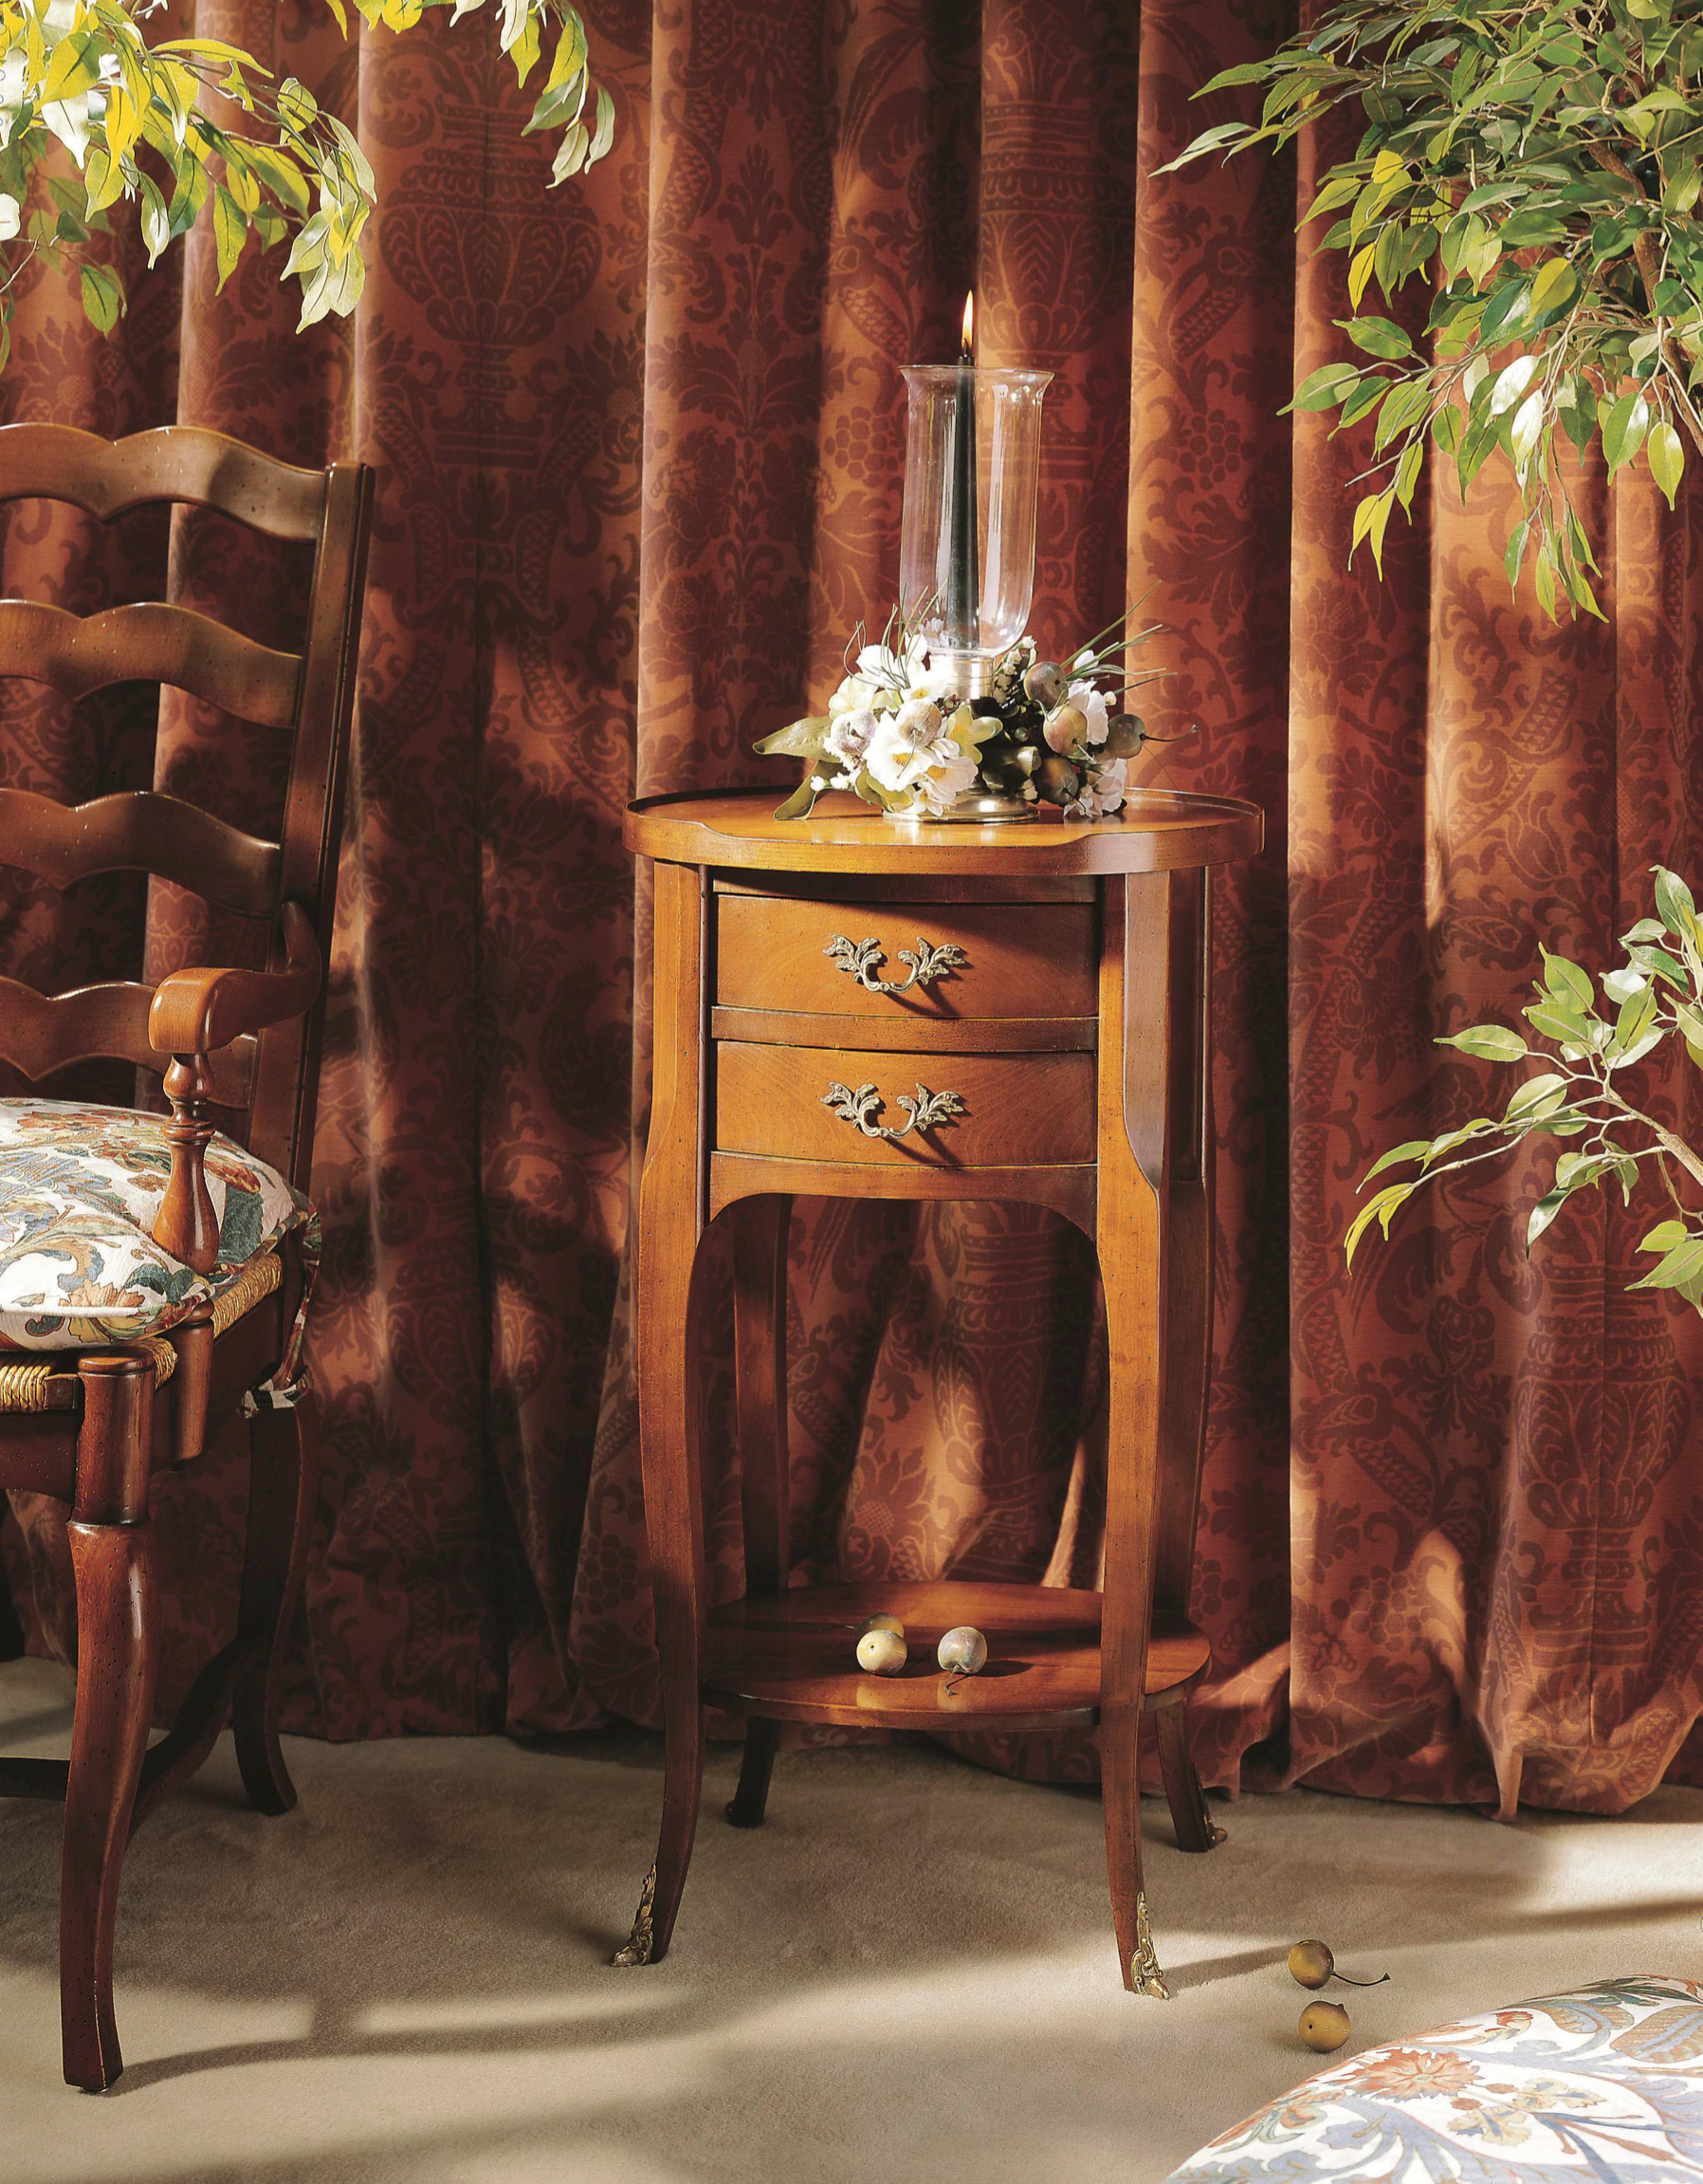 Meubles richelieu tables de chevet de style directoire - Meubles de chevet ...